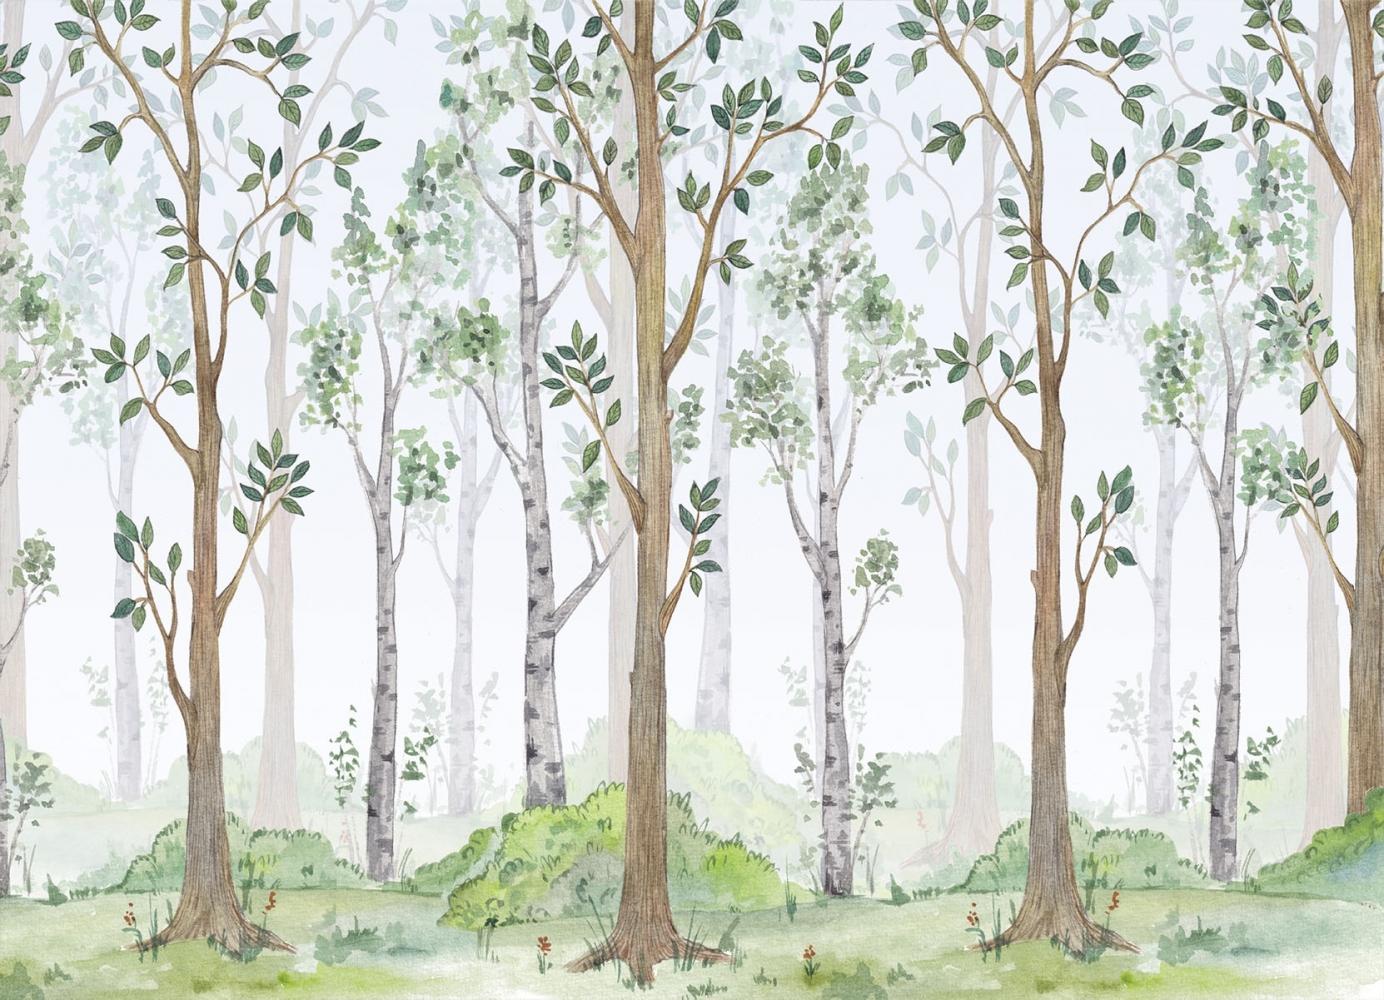 Tapeta Les ilustrace, 144 x 105 cm